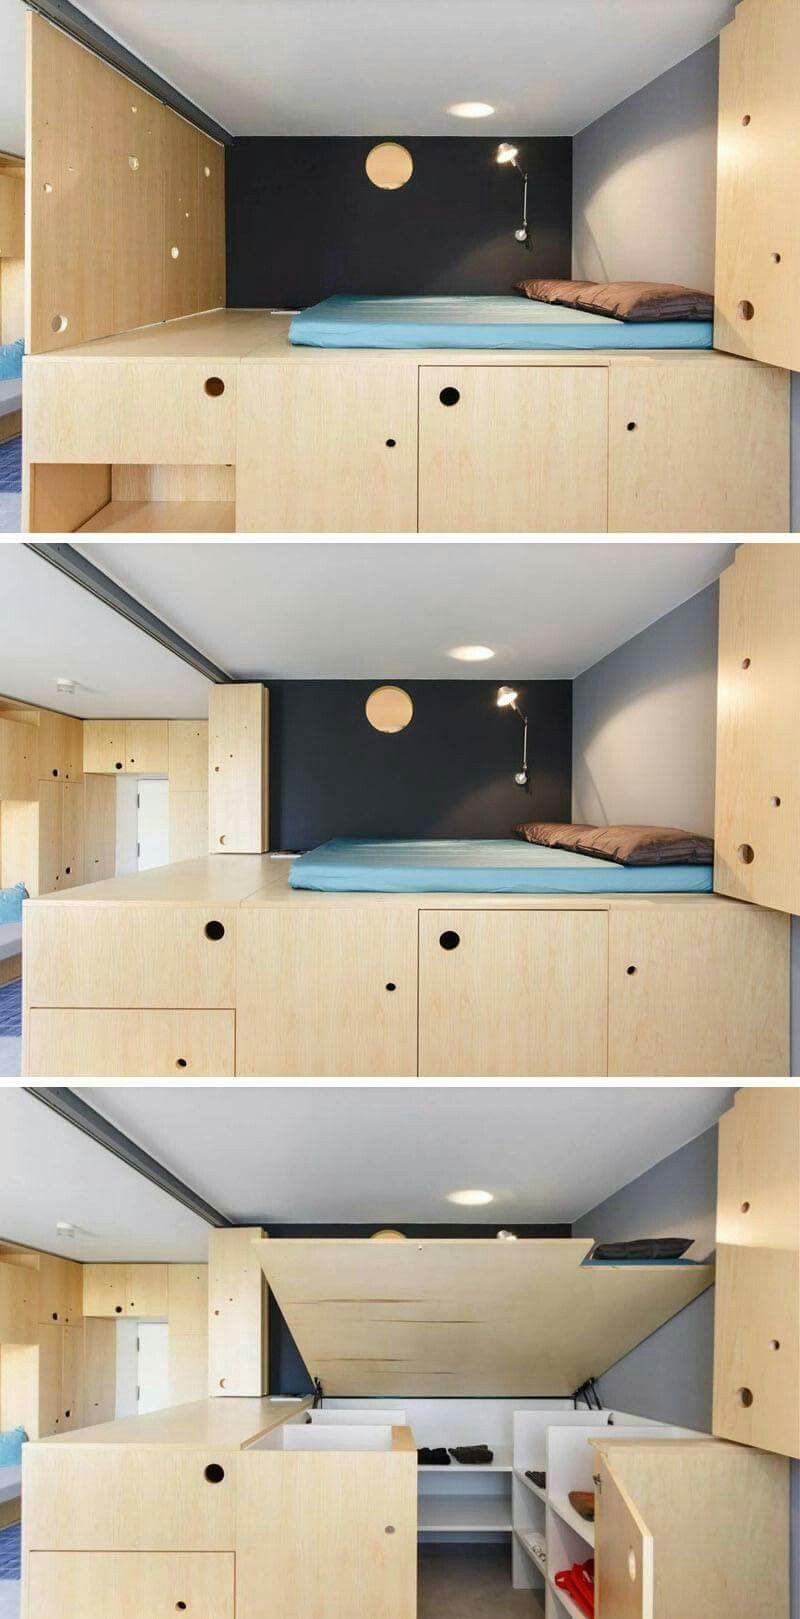 Pin von Nguyen Vu Thinh auf Interior - Bedroom | Pinterest | Möbel ...